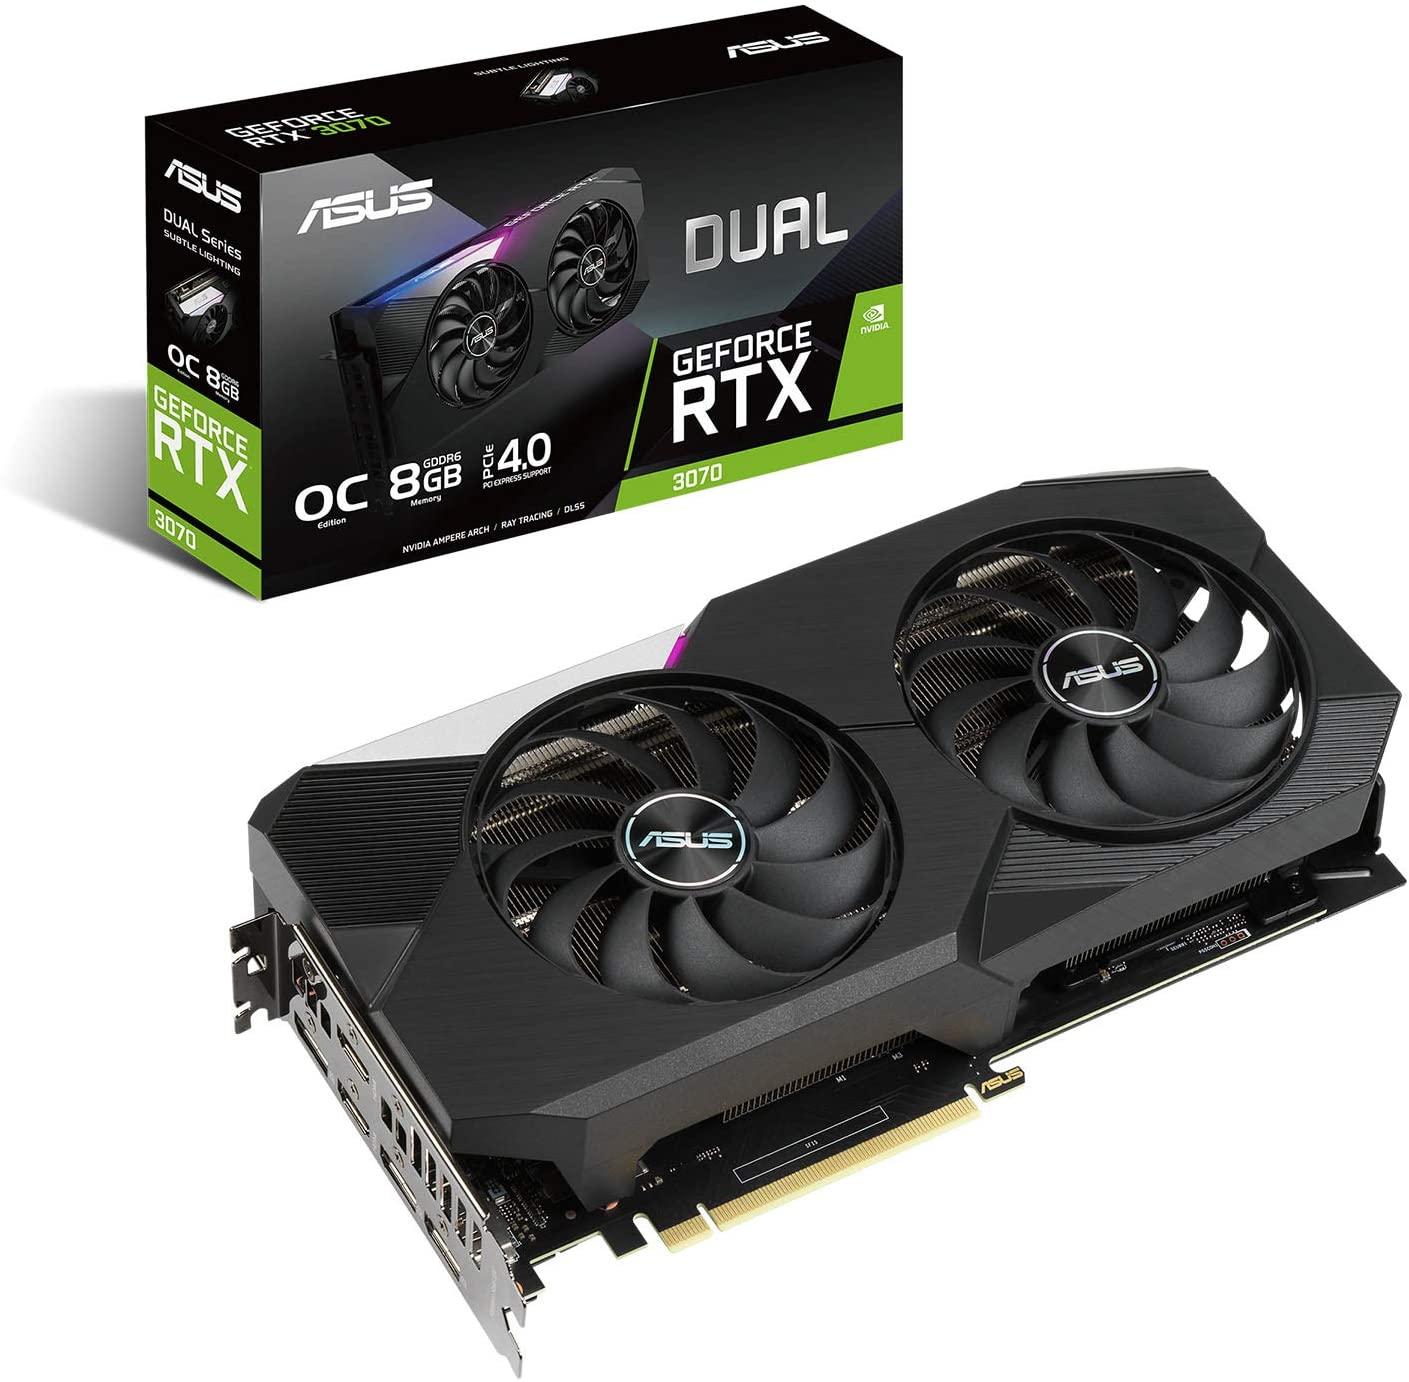 NVIDIA 絶品 GeForce RTX 3070 2020新作 ASUS エイスースー 搭載 DUAL-RTX3070-O8G グラボ ギガバイト グラフィックボード デュアルファンモデル ビデオカード 8G